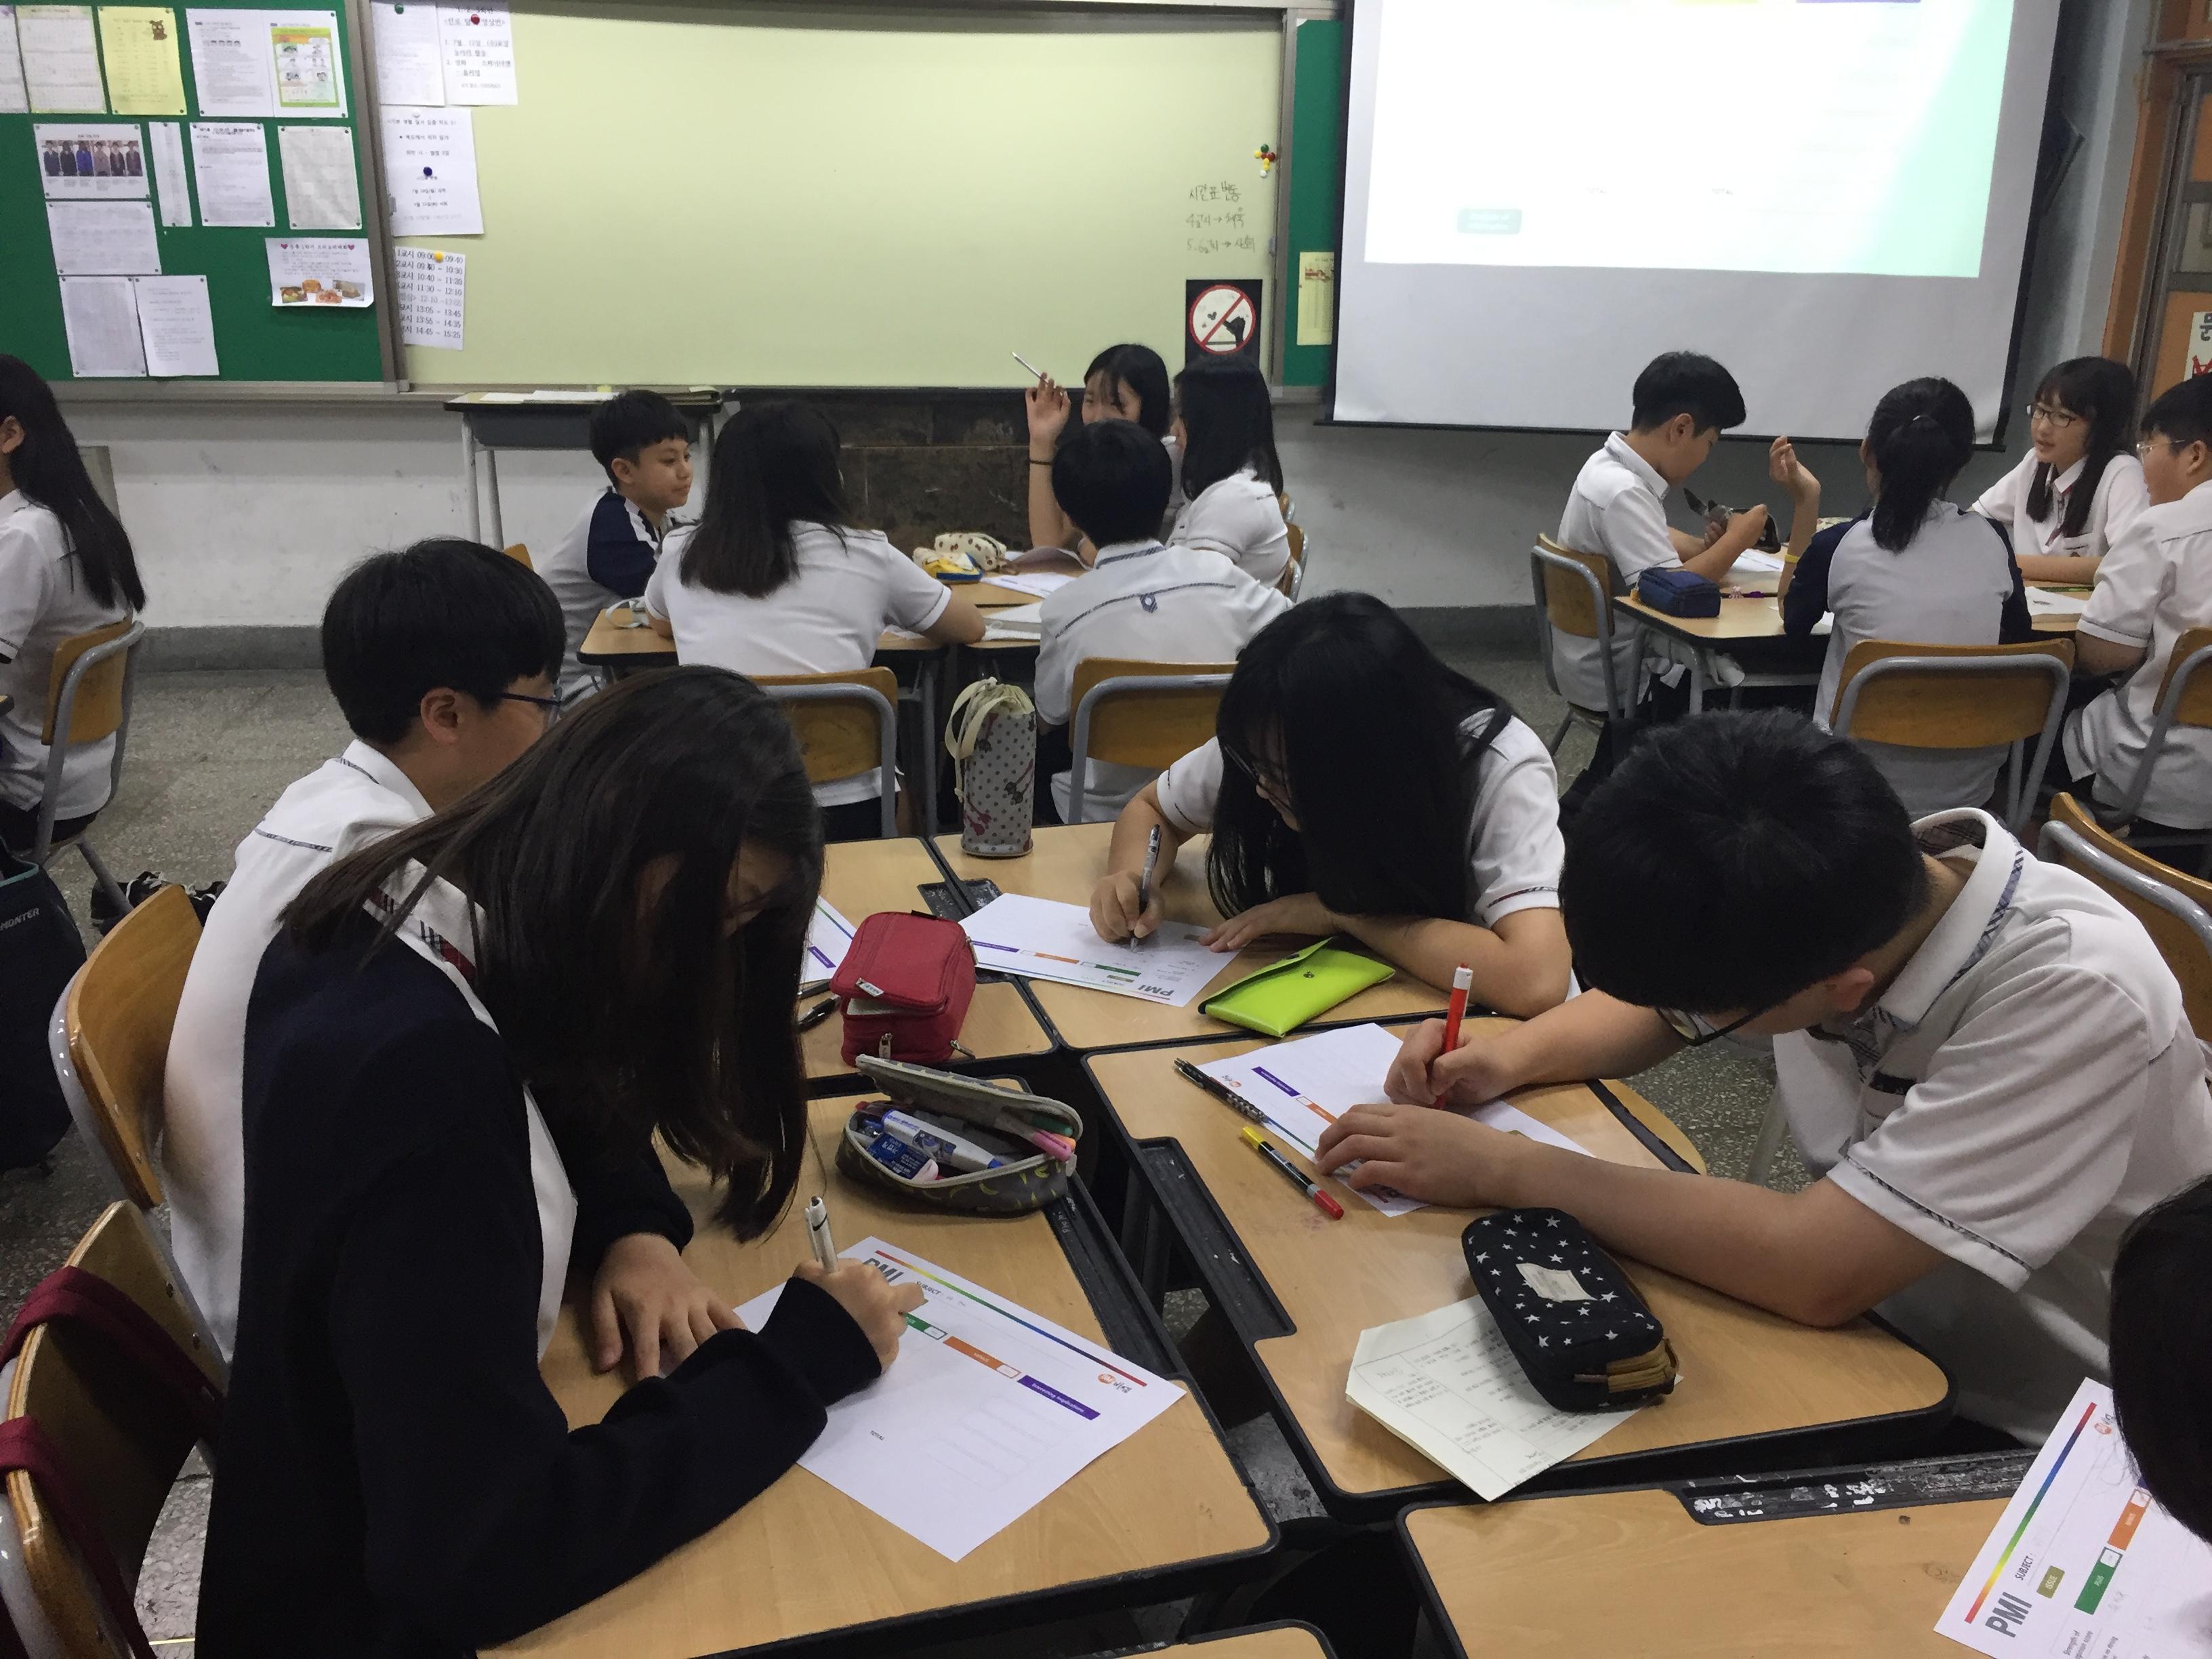 2017 07 10 서울시공유경제시작학교 공릉중학교 사진01